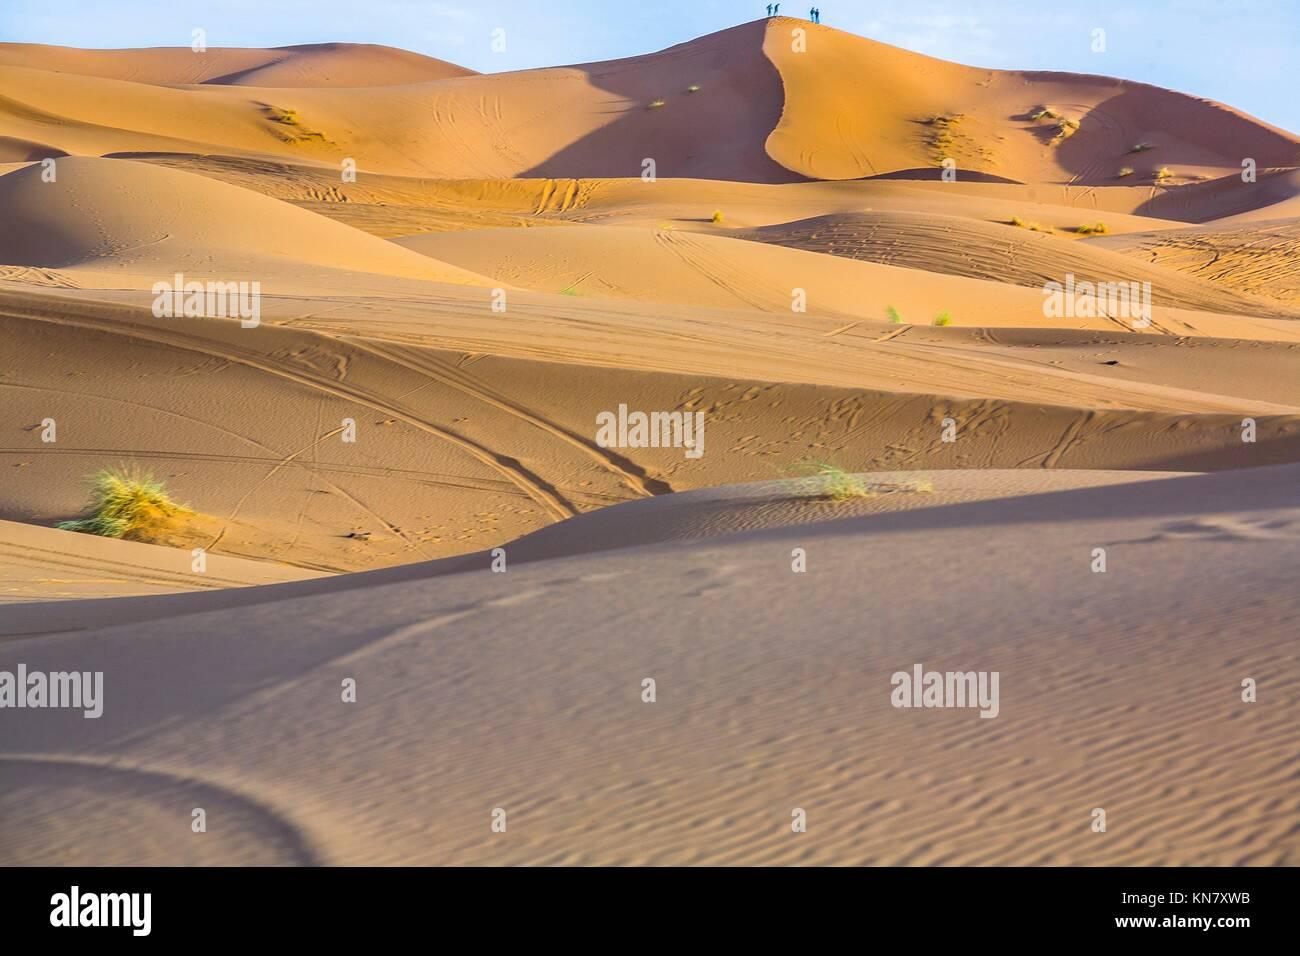 Persone ammirate il tramonto dalla collina. Diversi sand hill a Erg Chebbi nel deserto del Sahara. Ers sono grandi dune formate dal vento soffiato sabbia. Foto Stock